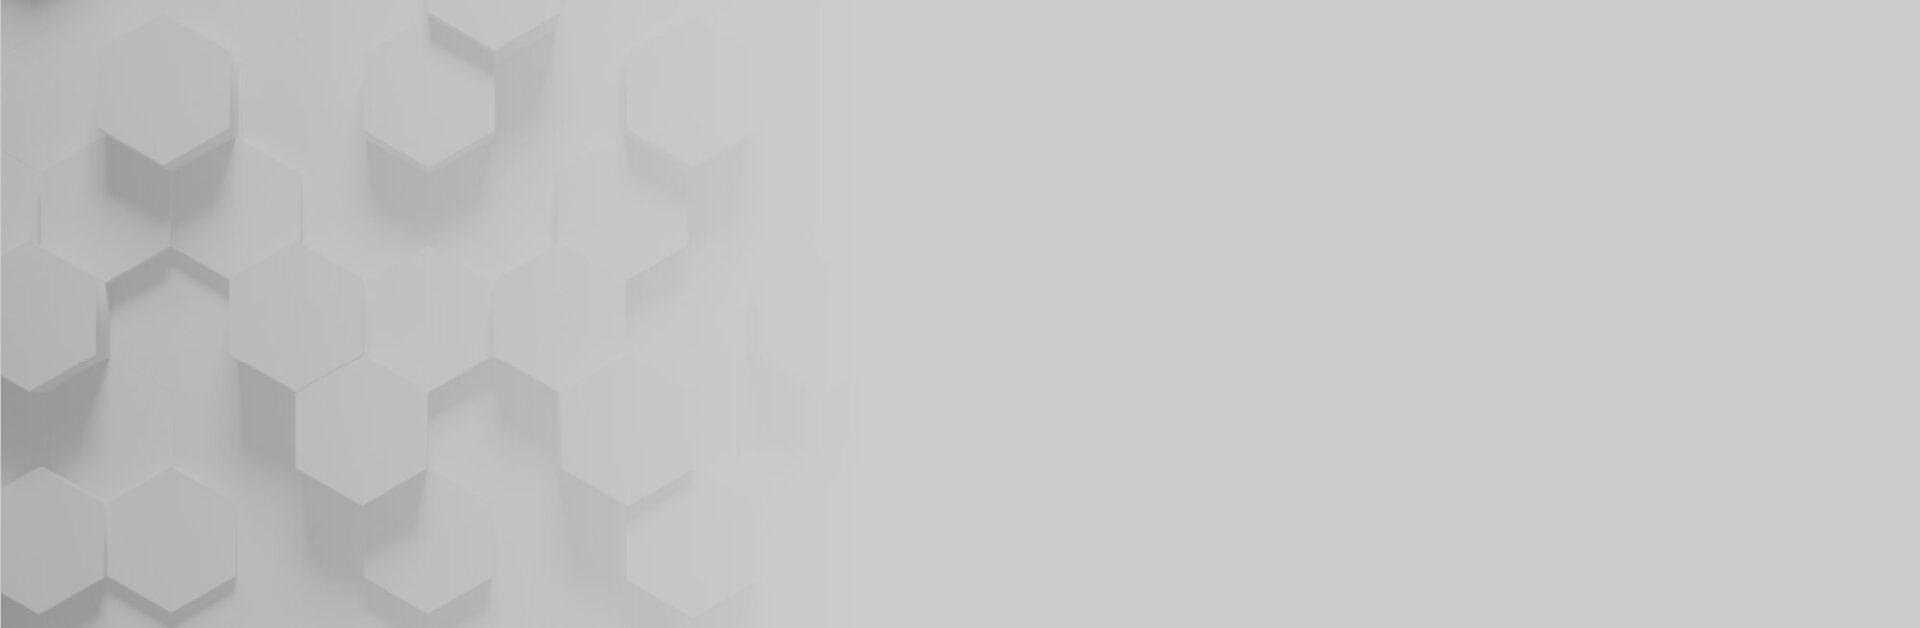 松内電器工業 株式会社 新着情報 背景画像